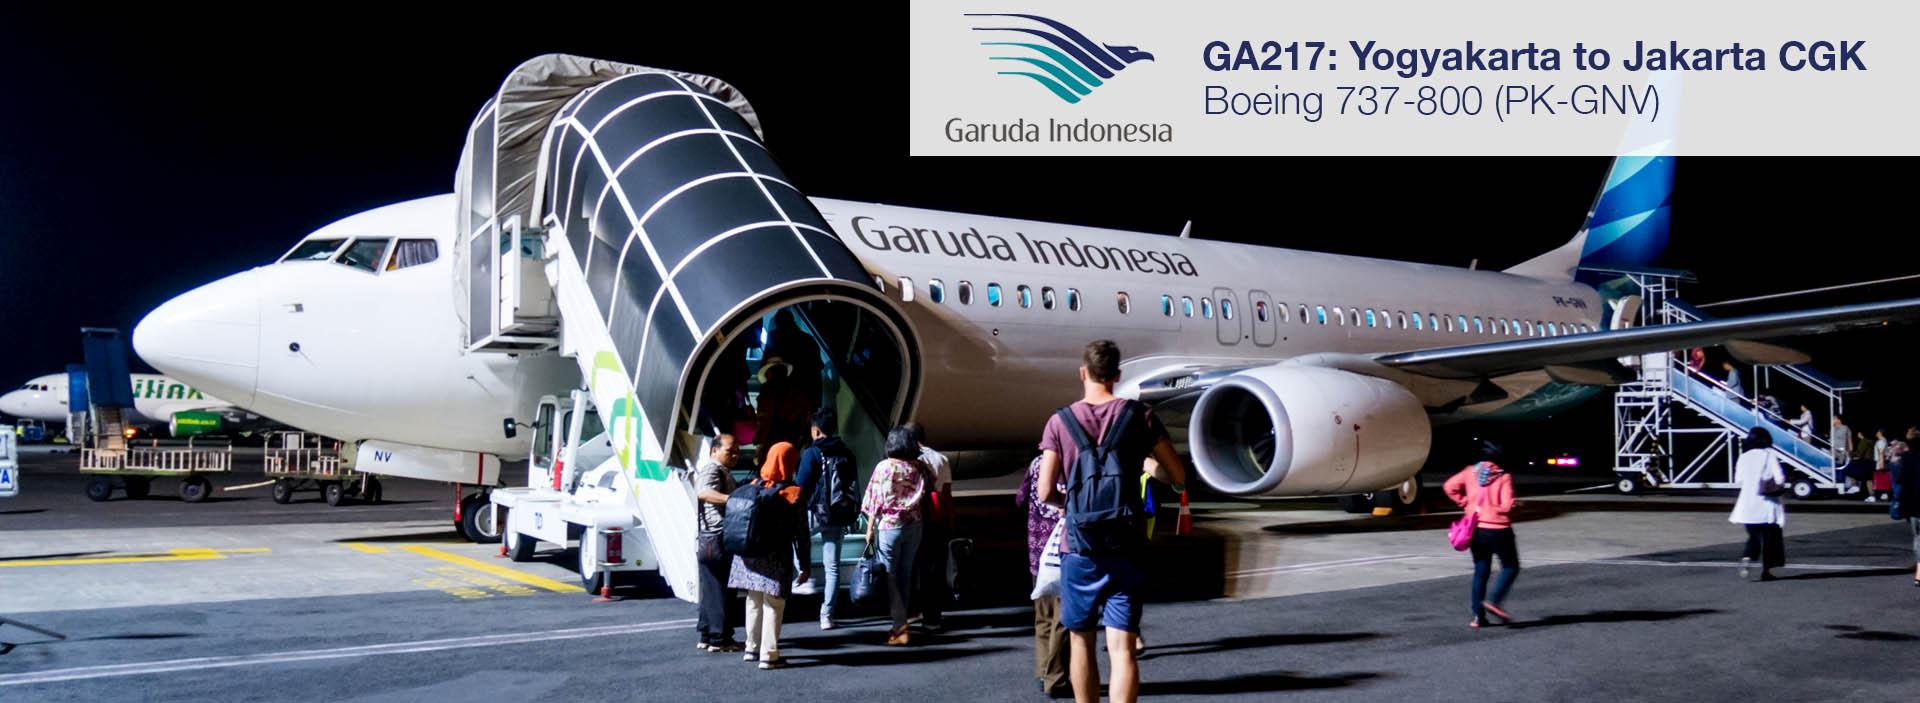 Flight Report Garuda Indonesia 737 800 From Yogyakarta To